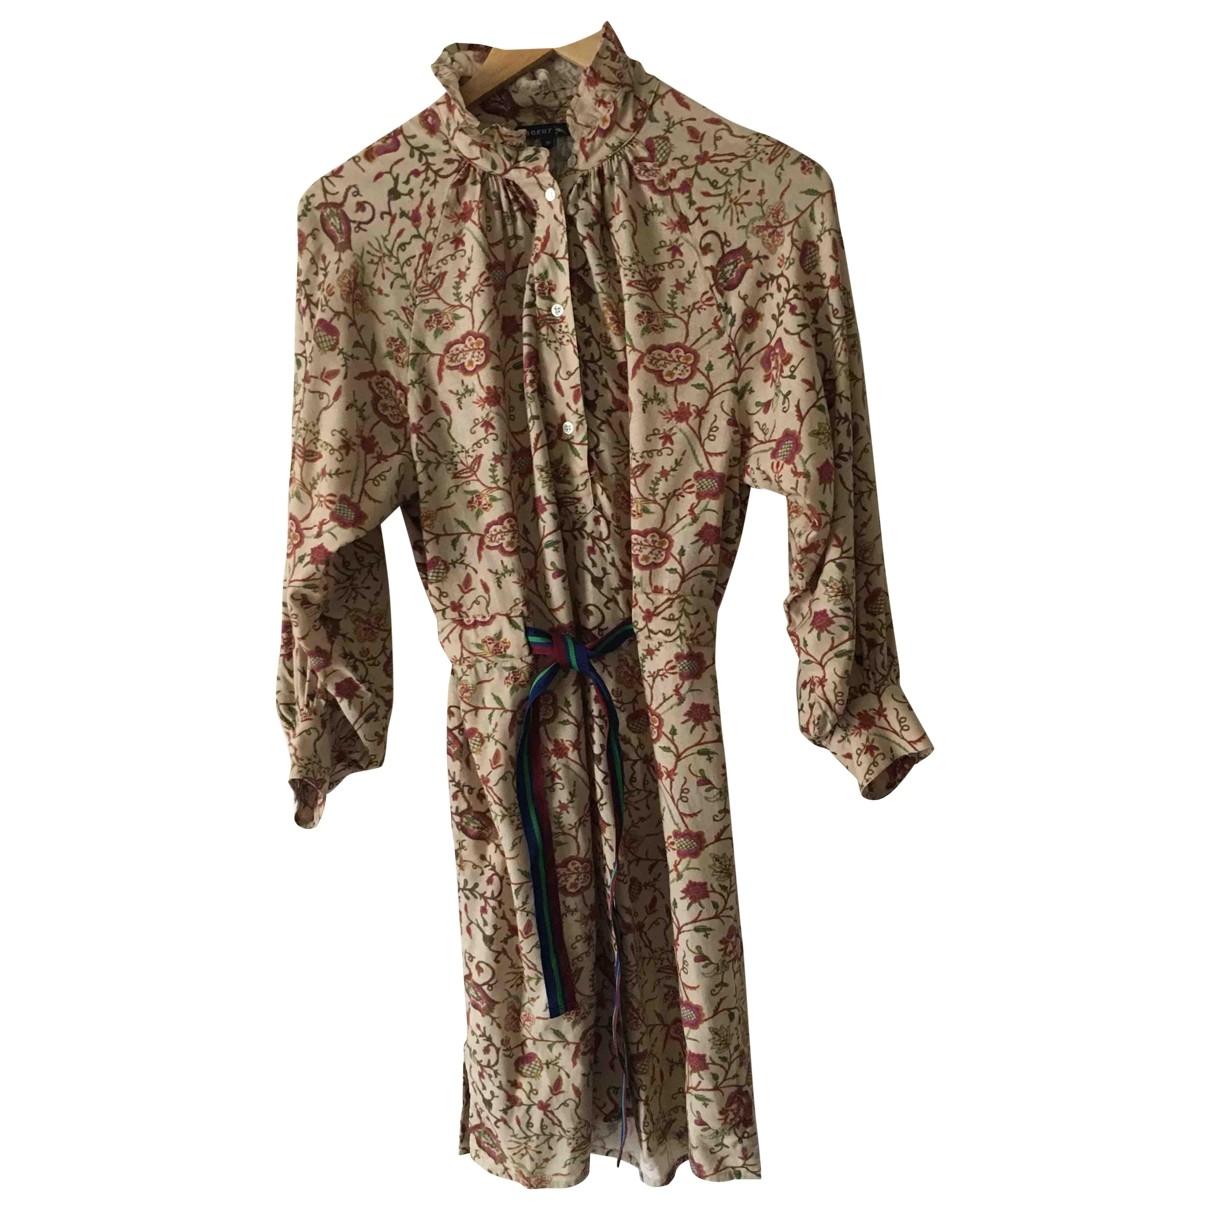 Soeur \N Beige Silk dress for Women 36 FR